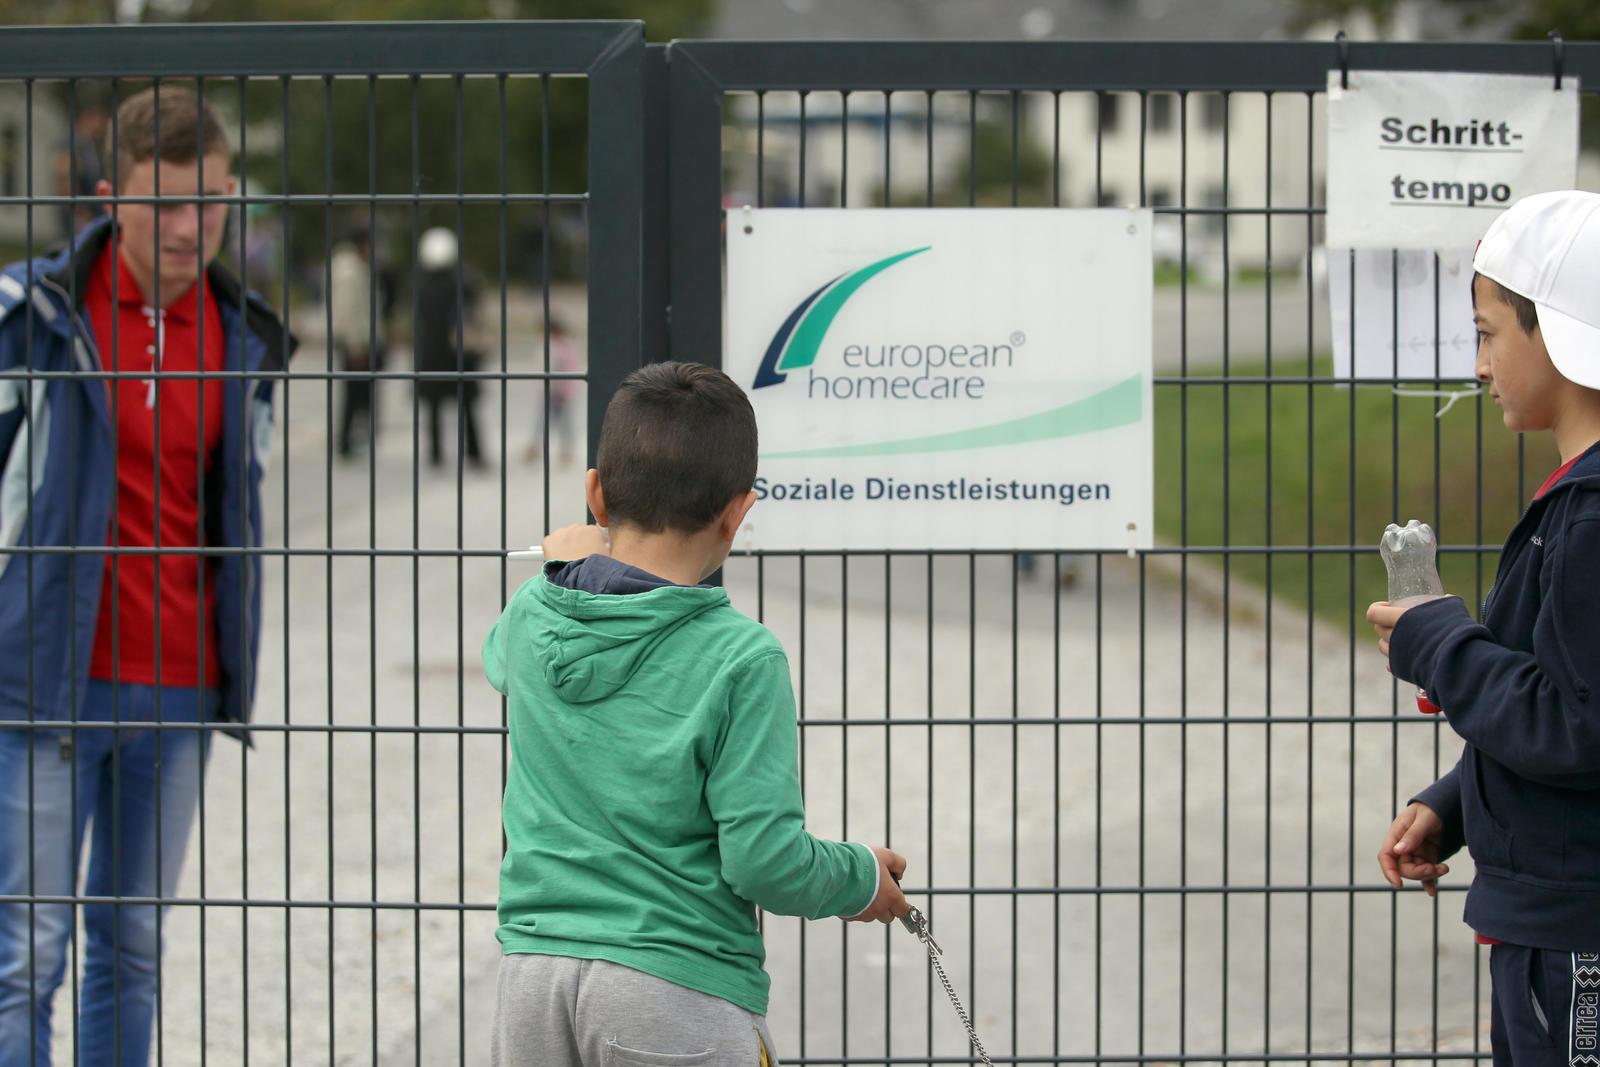 Das Flüchtlingsheim in Burbach wird nicht weiter von der Firma European Homecare betrieben.